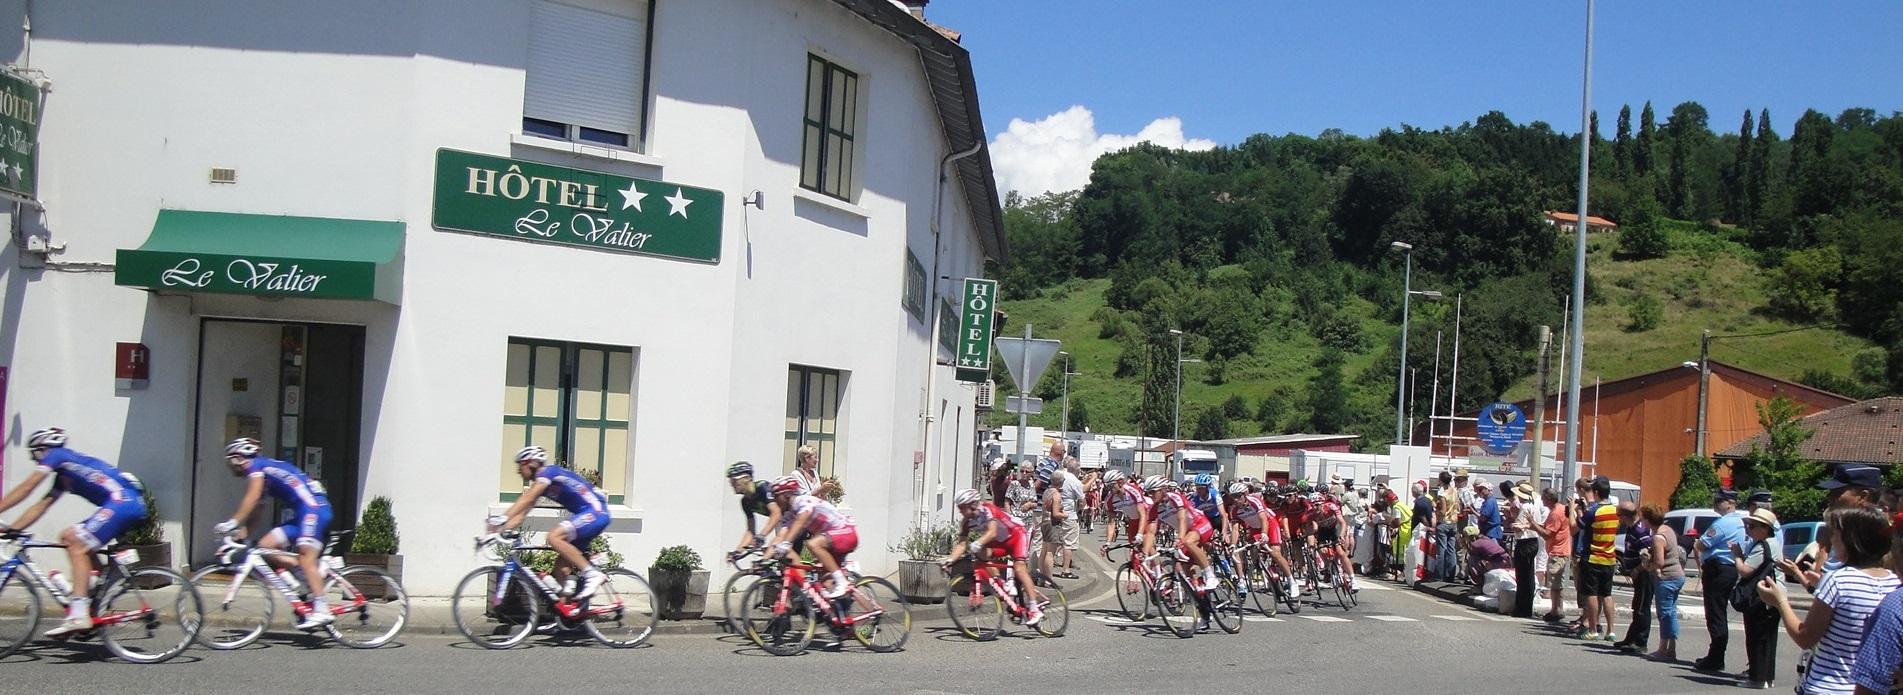 Hôtel Le Valier, Ariège - Vue façade Hôtel lors du passage du Tour de France, Cyclisme, Montagne